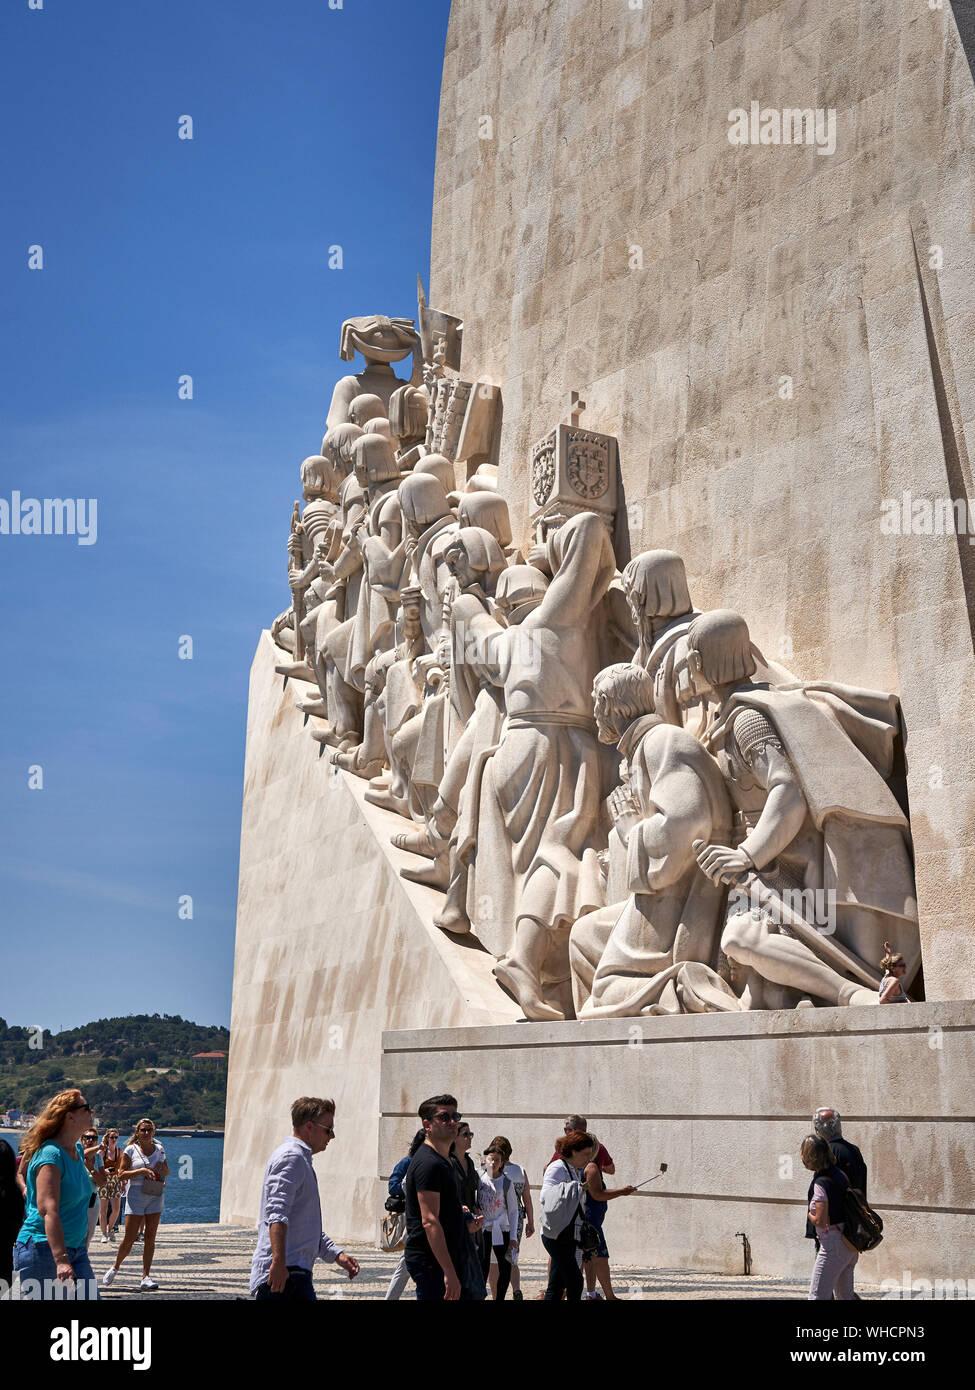 Monument to the Discoveries Santa Maria de Belém, Lisbon, Portugal Stock Photo